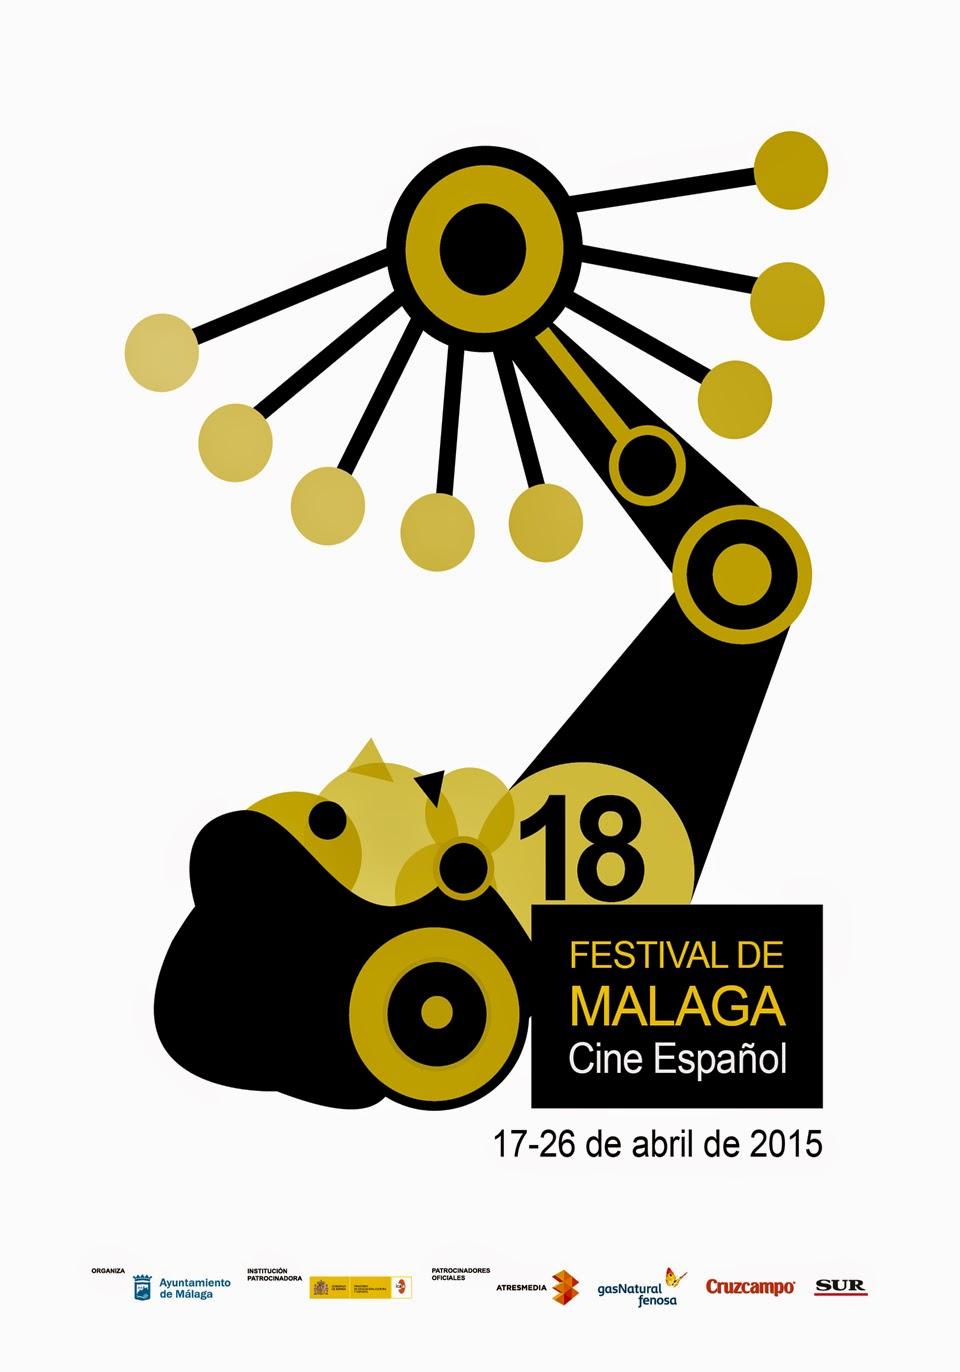 Propuesta para el Cartel Festival de Málaga 18 Edición. - Made in Mary